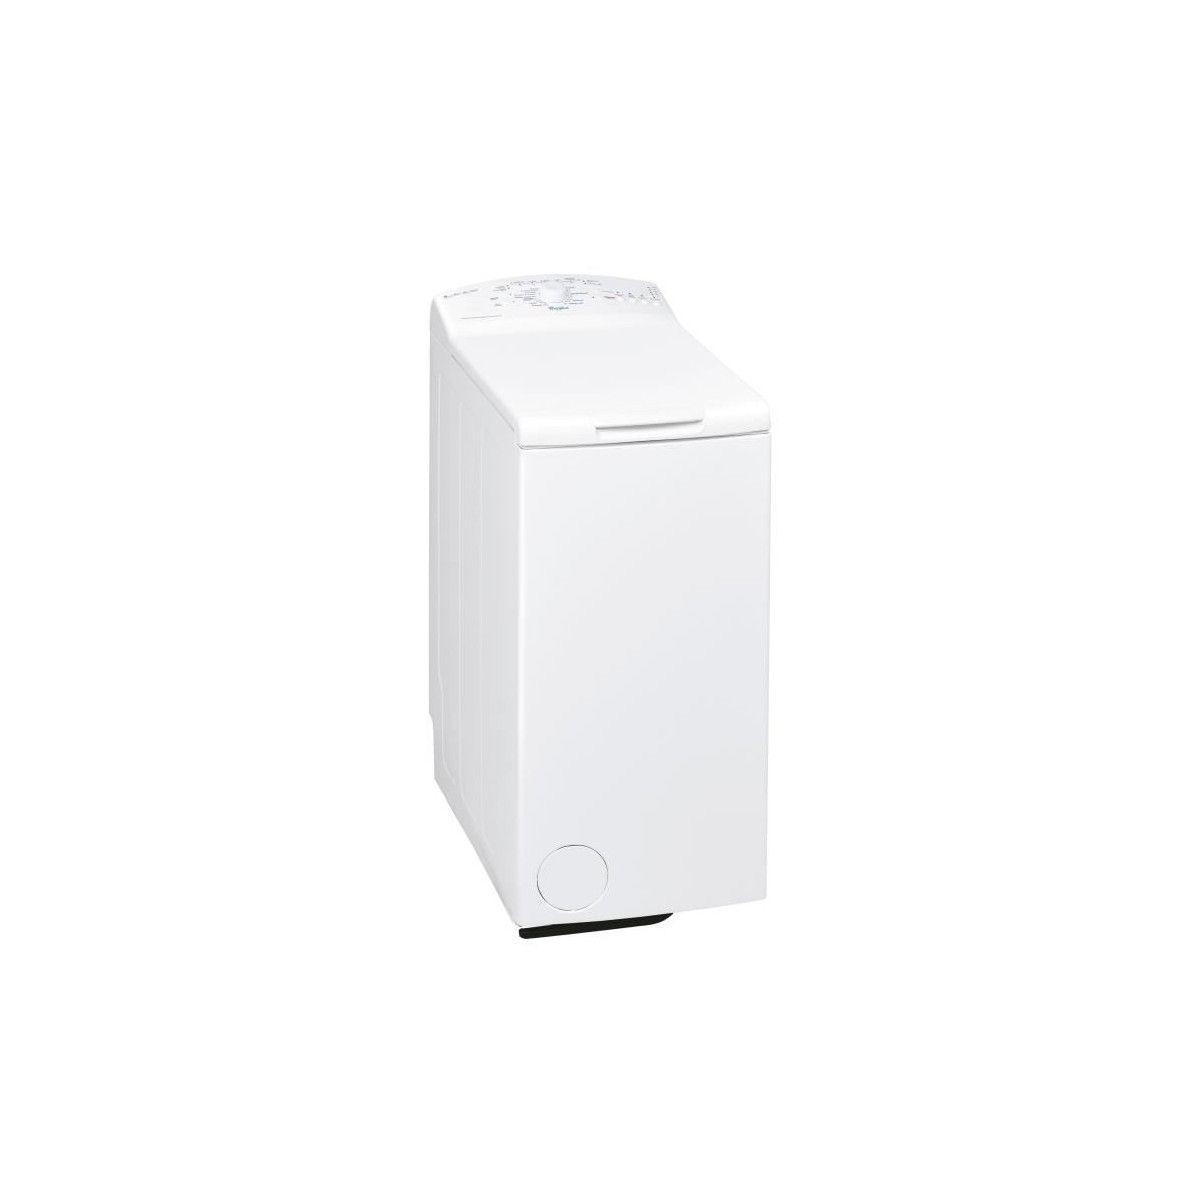 Awe 6560- Lave Linge Top - 6kg - 1000 Trs / Min - A+